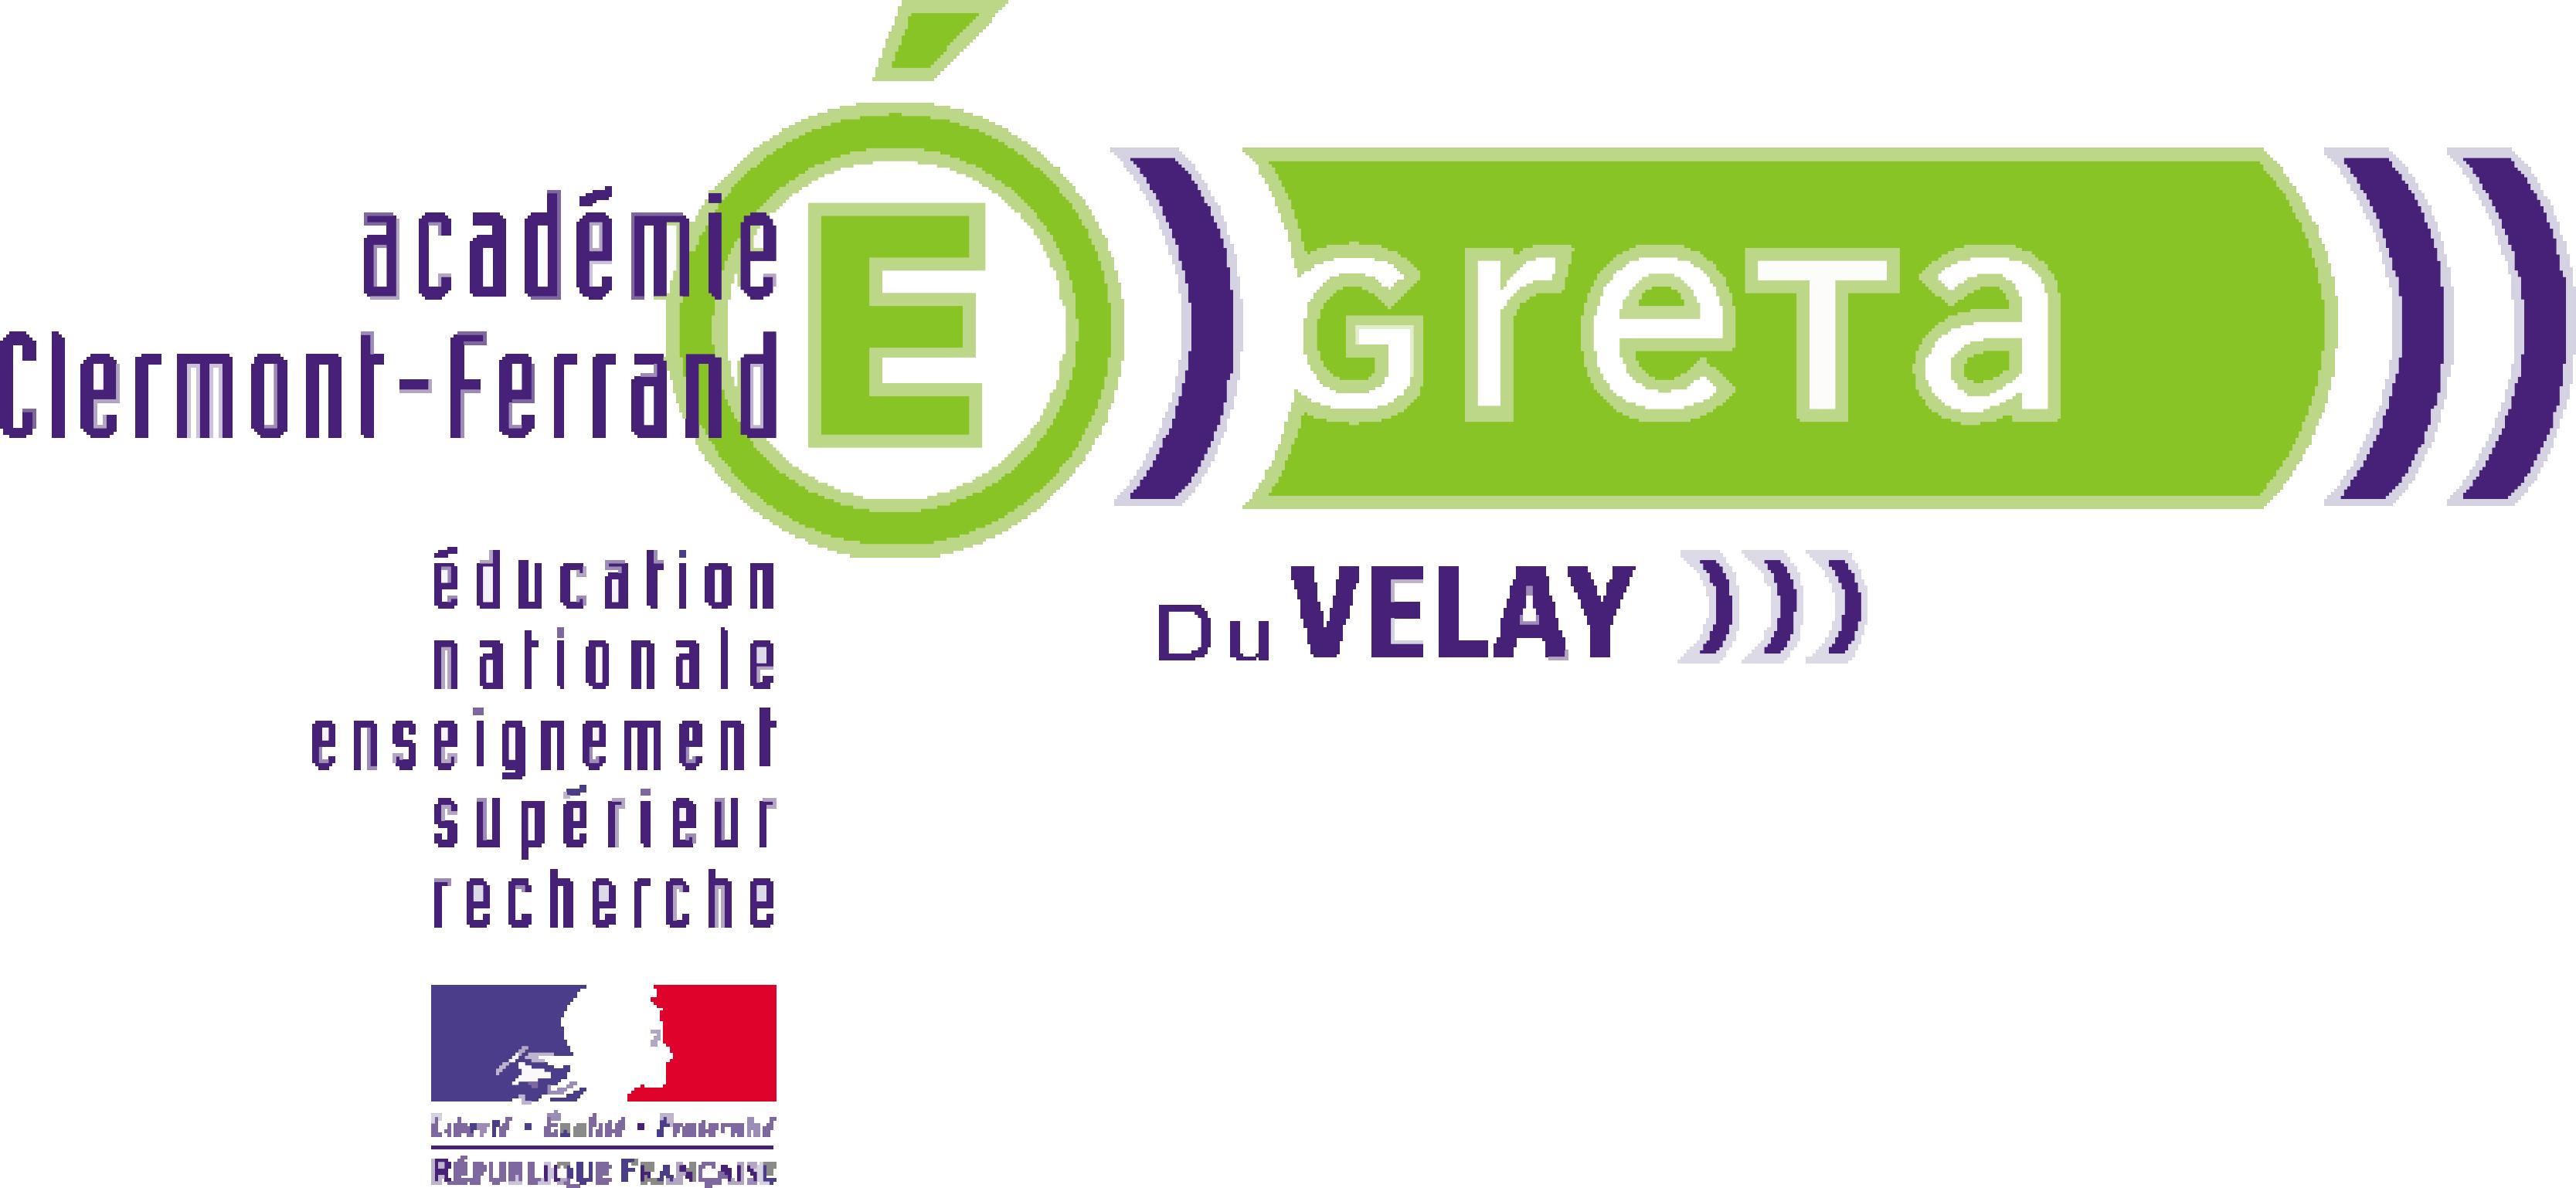 greta_du_velay_logo